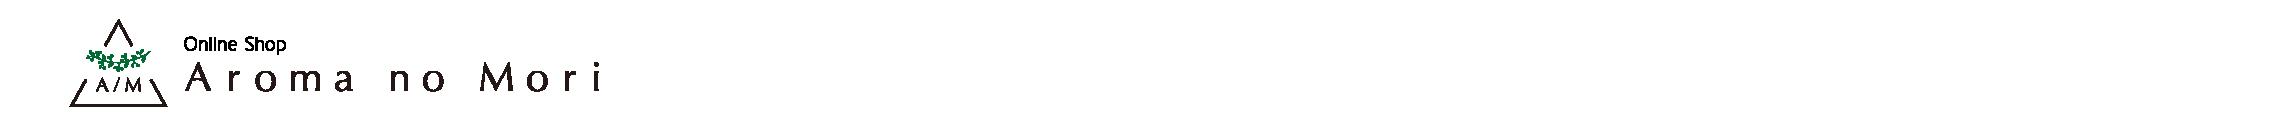 100%天然精油アロマ   アロマの杜 オンラインショップ